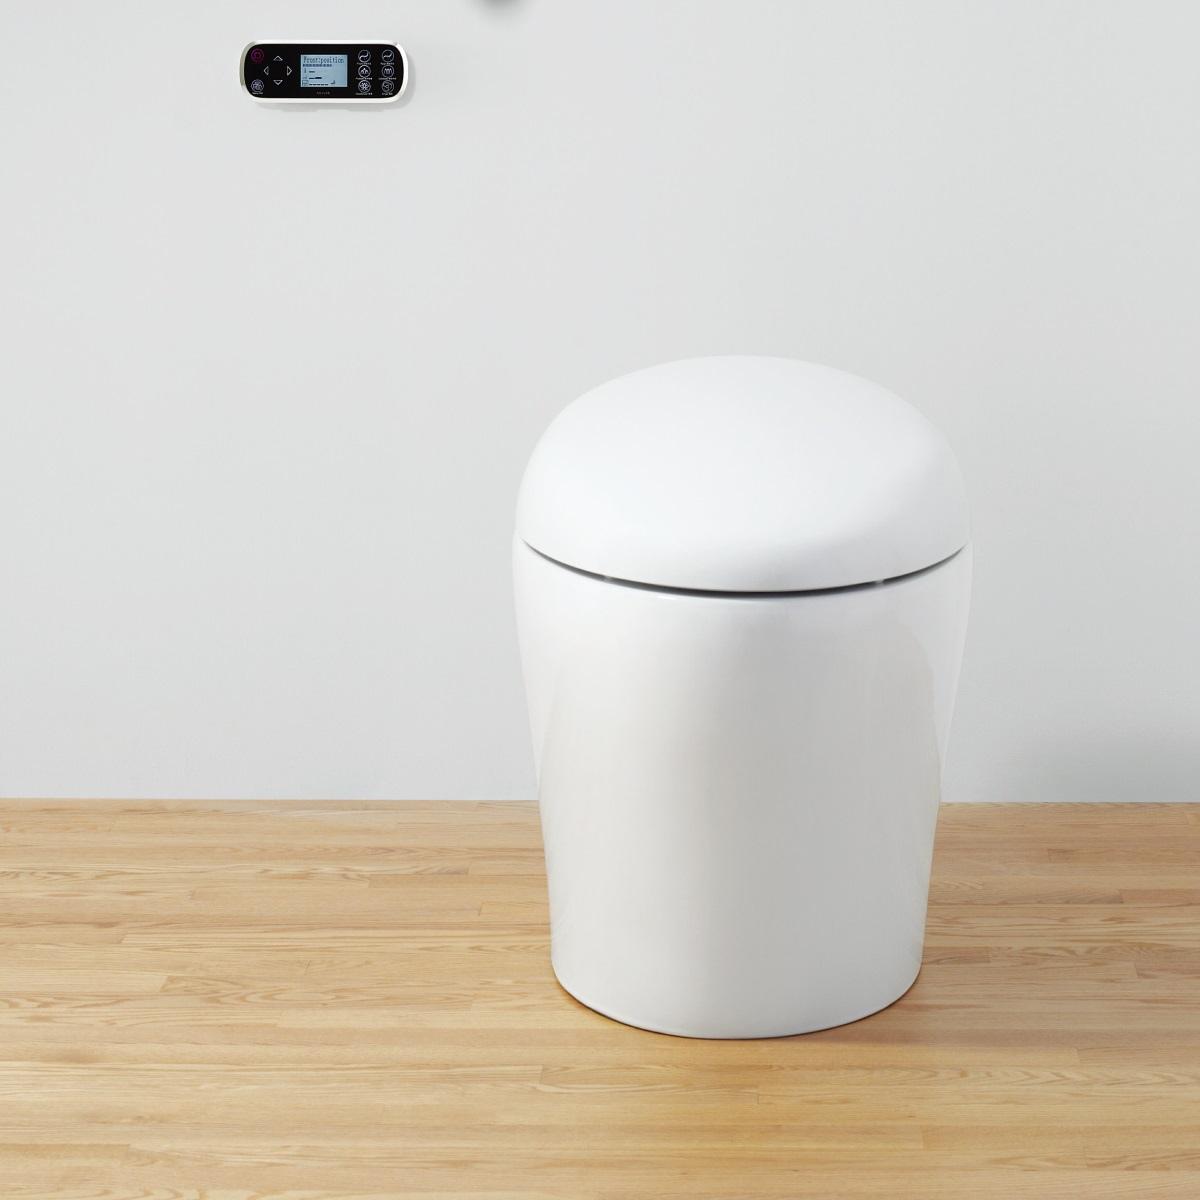 [品牌故事] 住宅衛浴小故事2016-03-14 003 Kohler新銳智慧型全自動馬桶.jpg